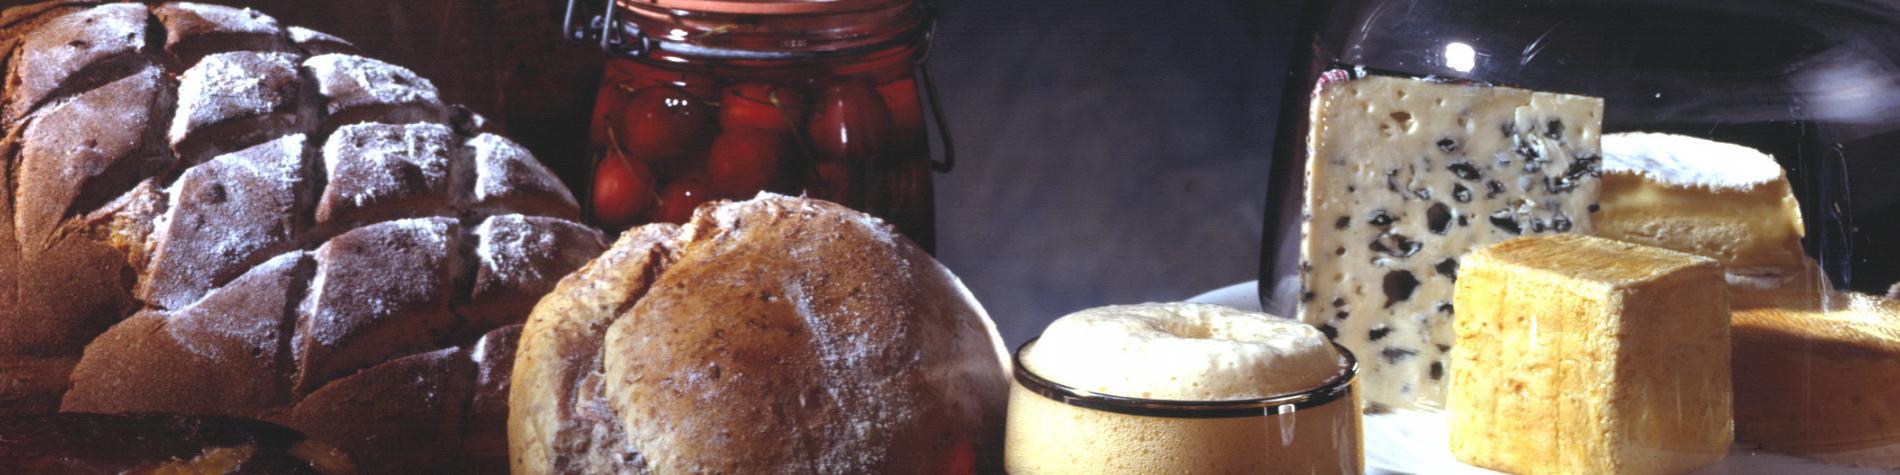 Produits du terroir gastronomie